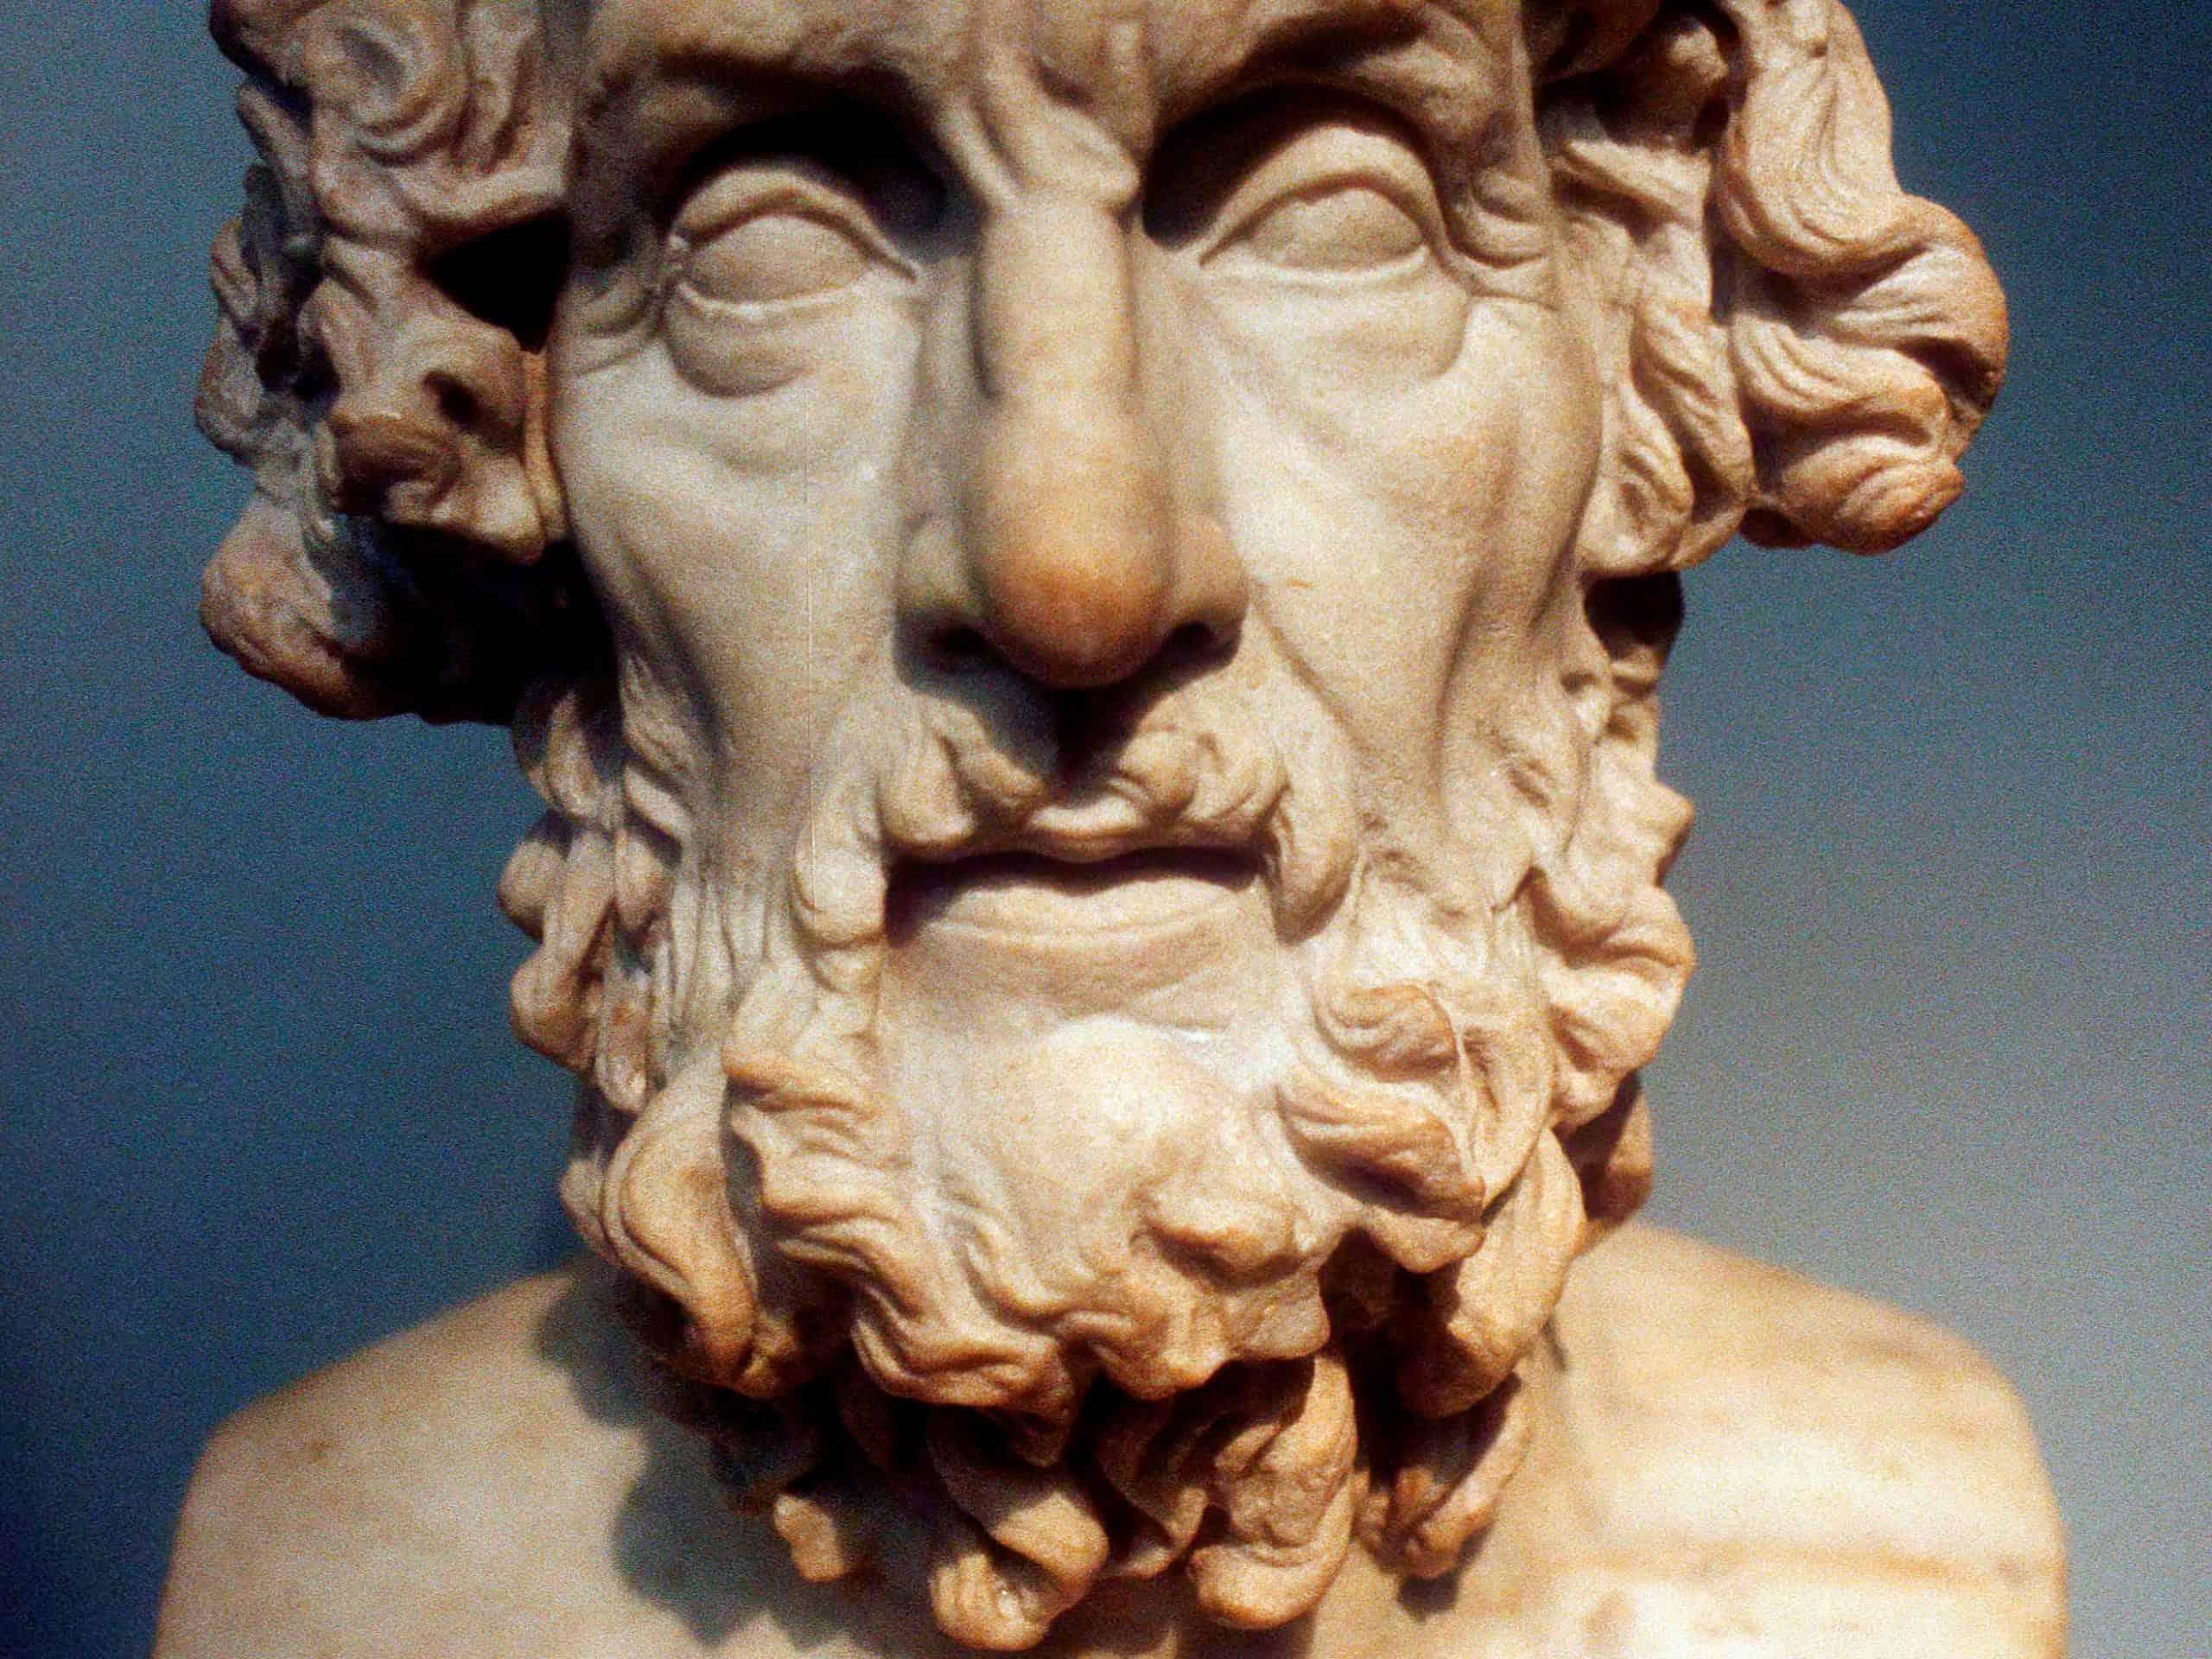 הומרוס. היטיב לתאר את נפש האדם.